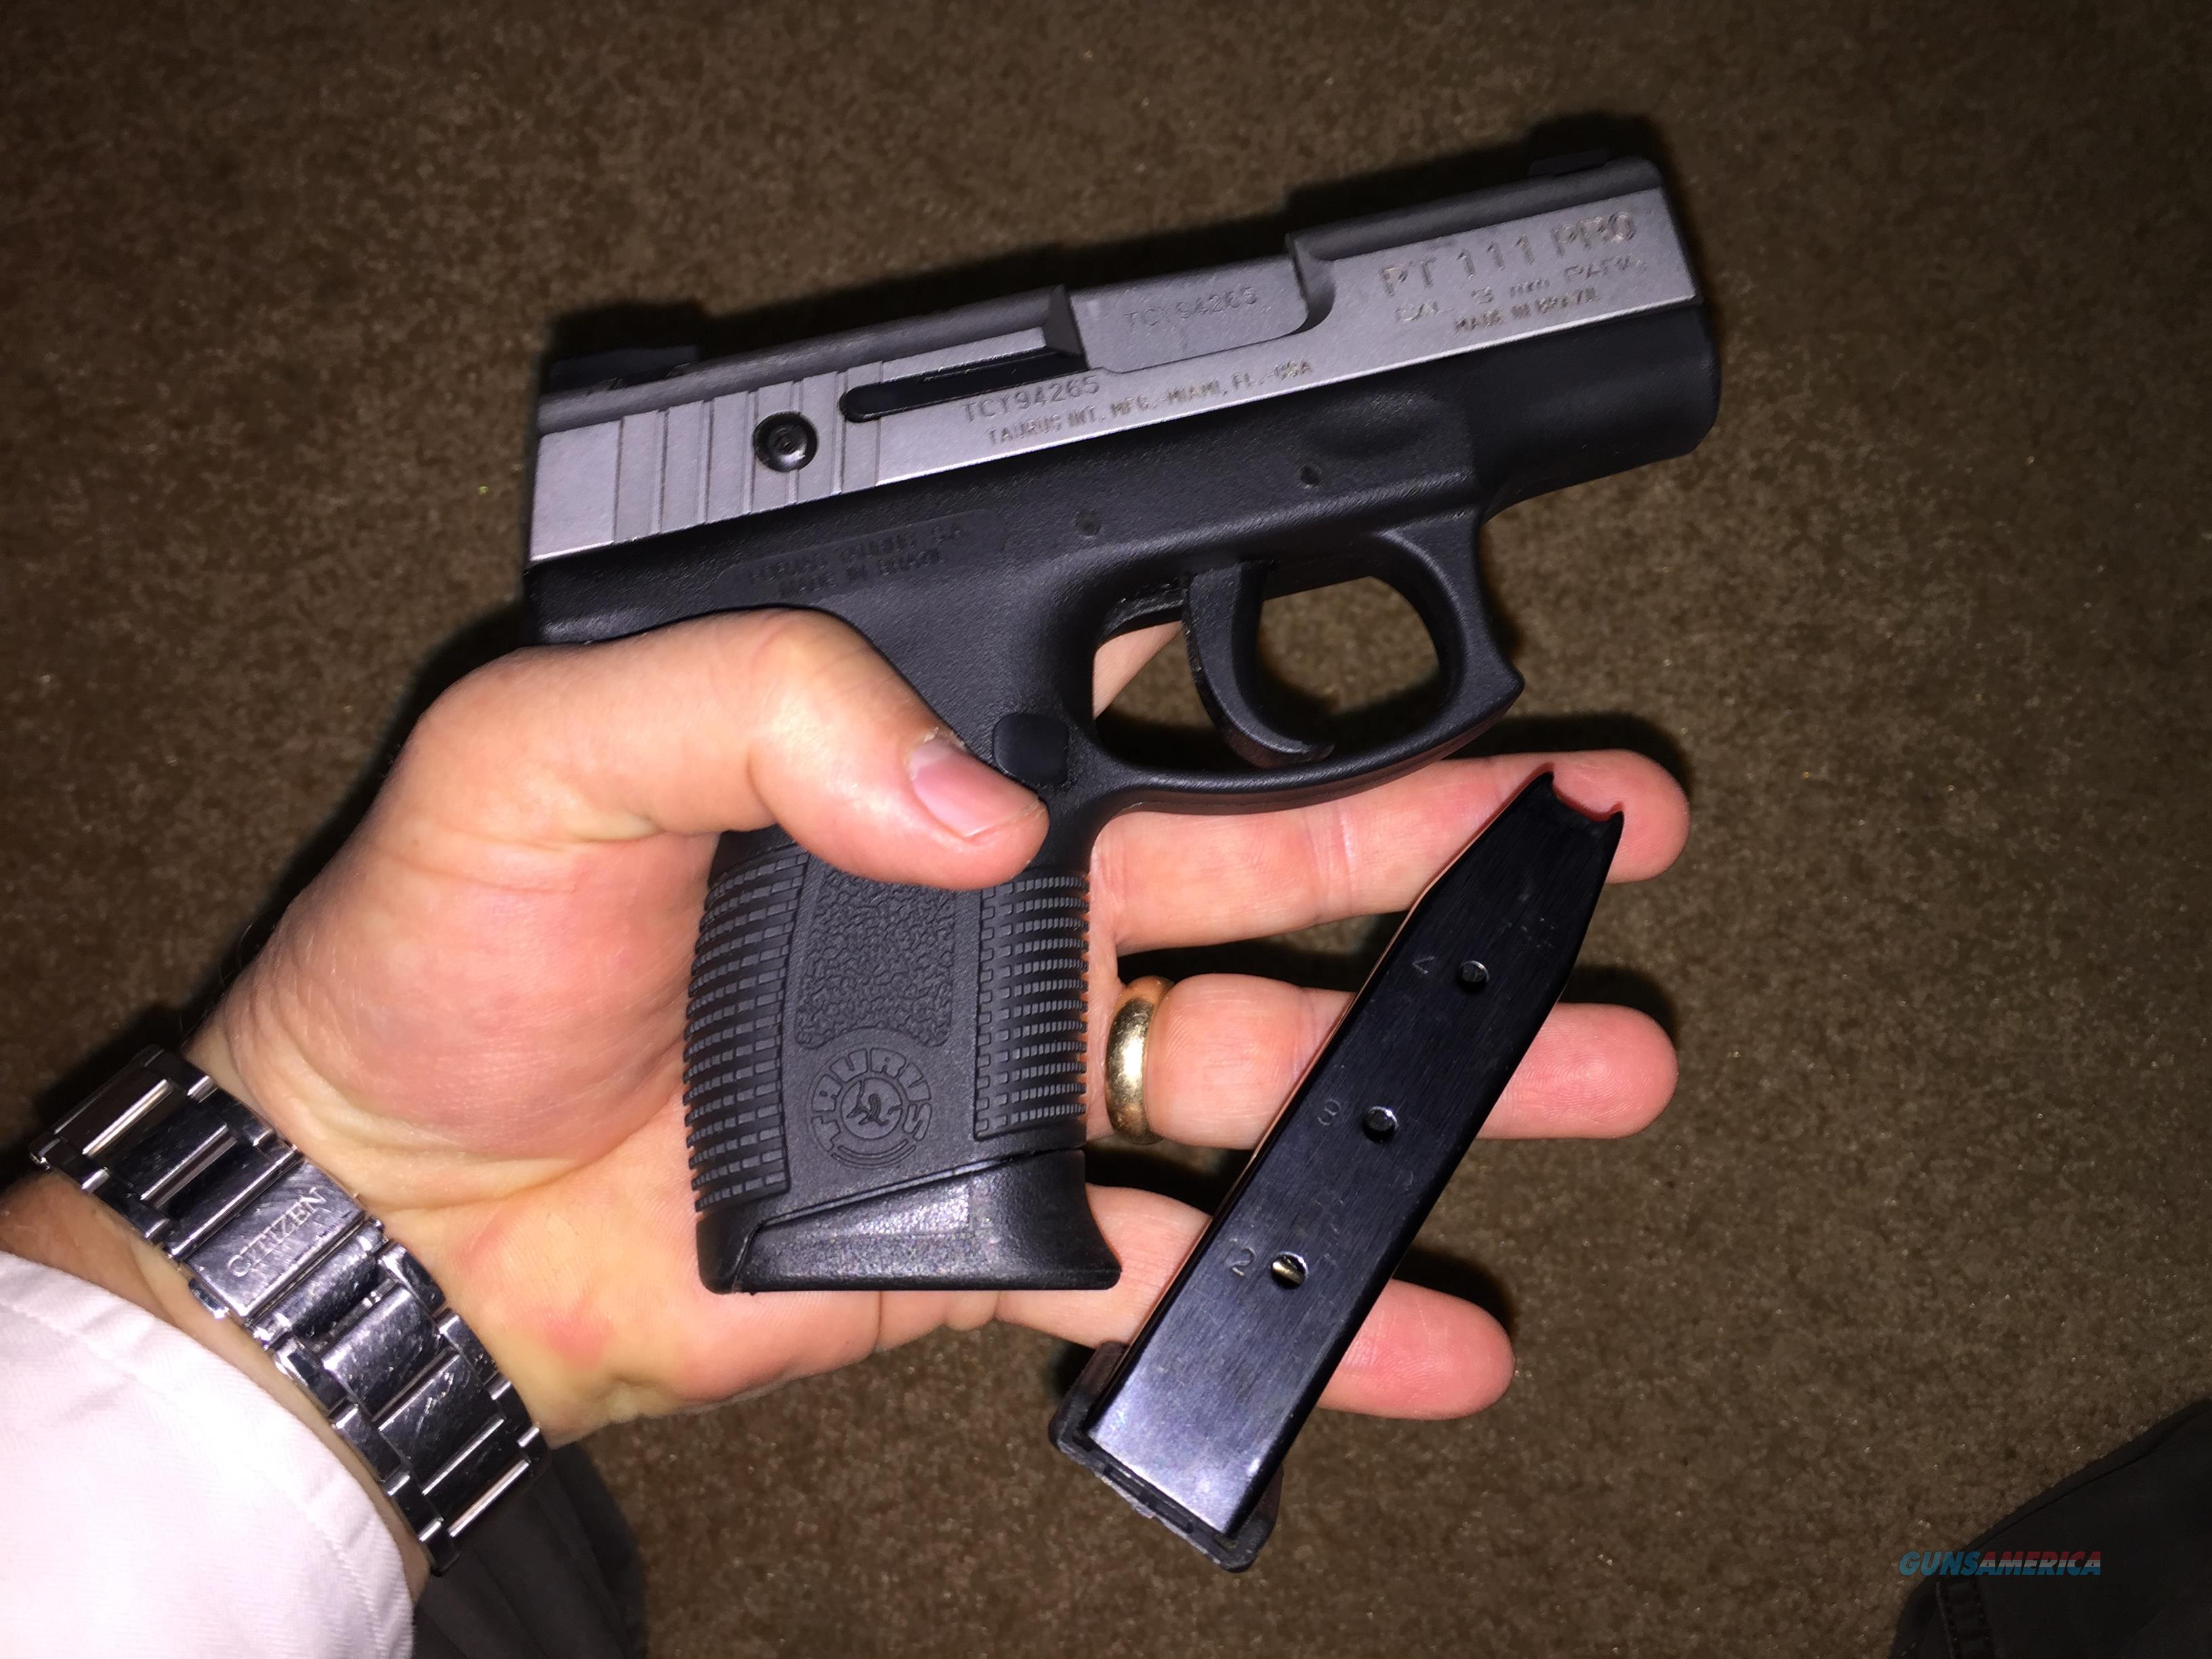 Taurus Millenium Pt 111 9 Mm Handgun Best Gu For Sale